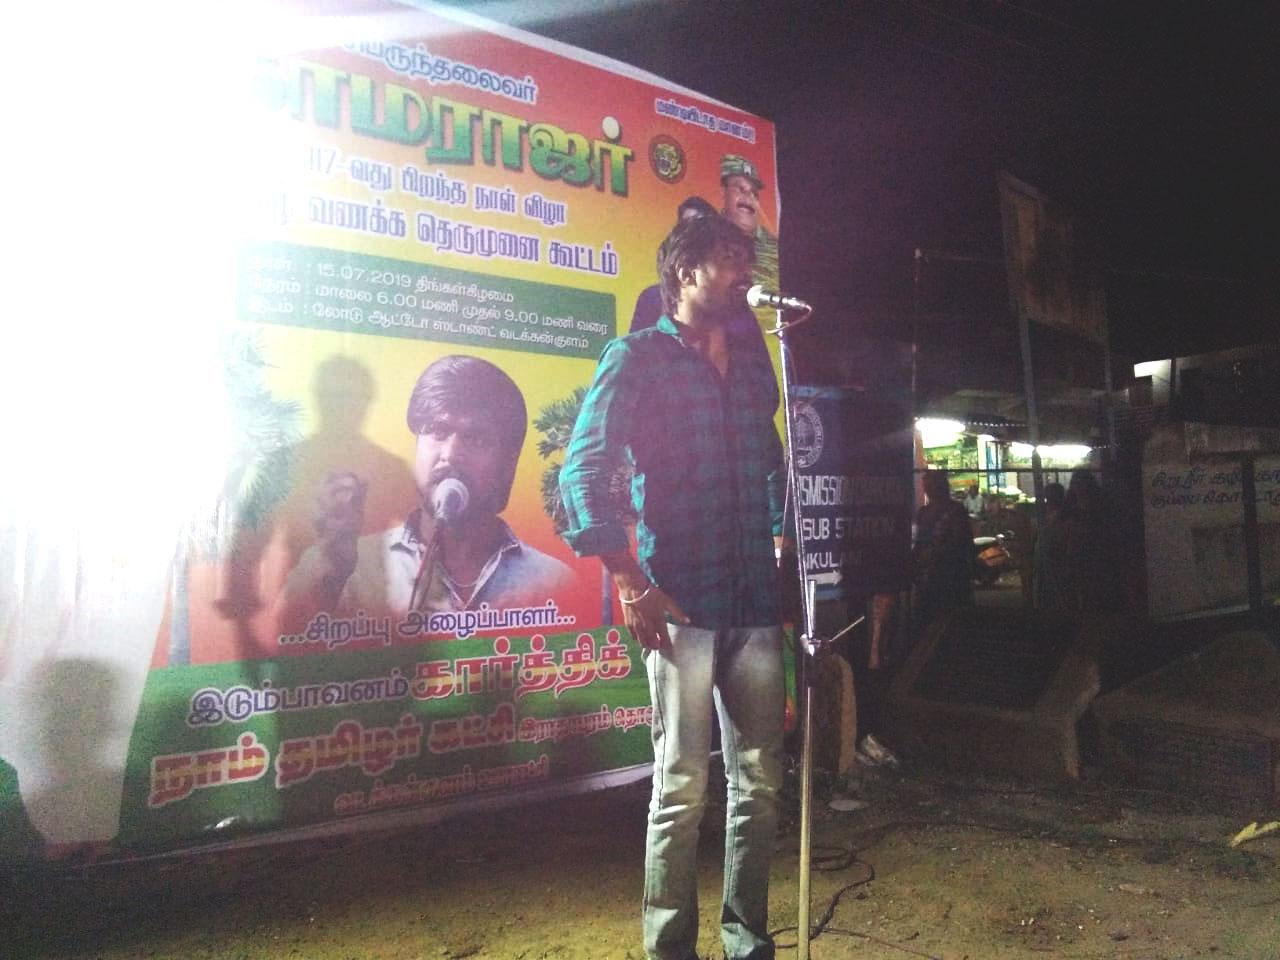 காமராசர் புகழ் வணக்க பொதுக்கூட்டம்-இராதாபுரம் தொகுதி